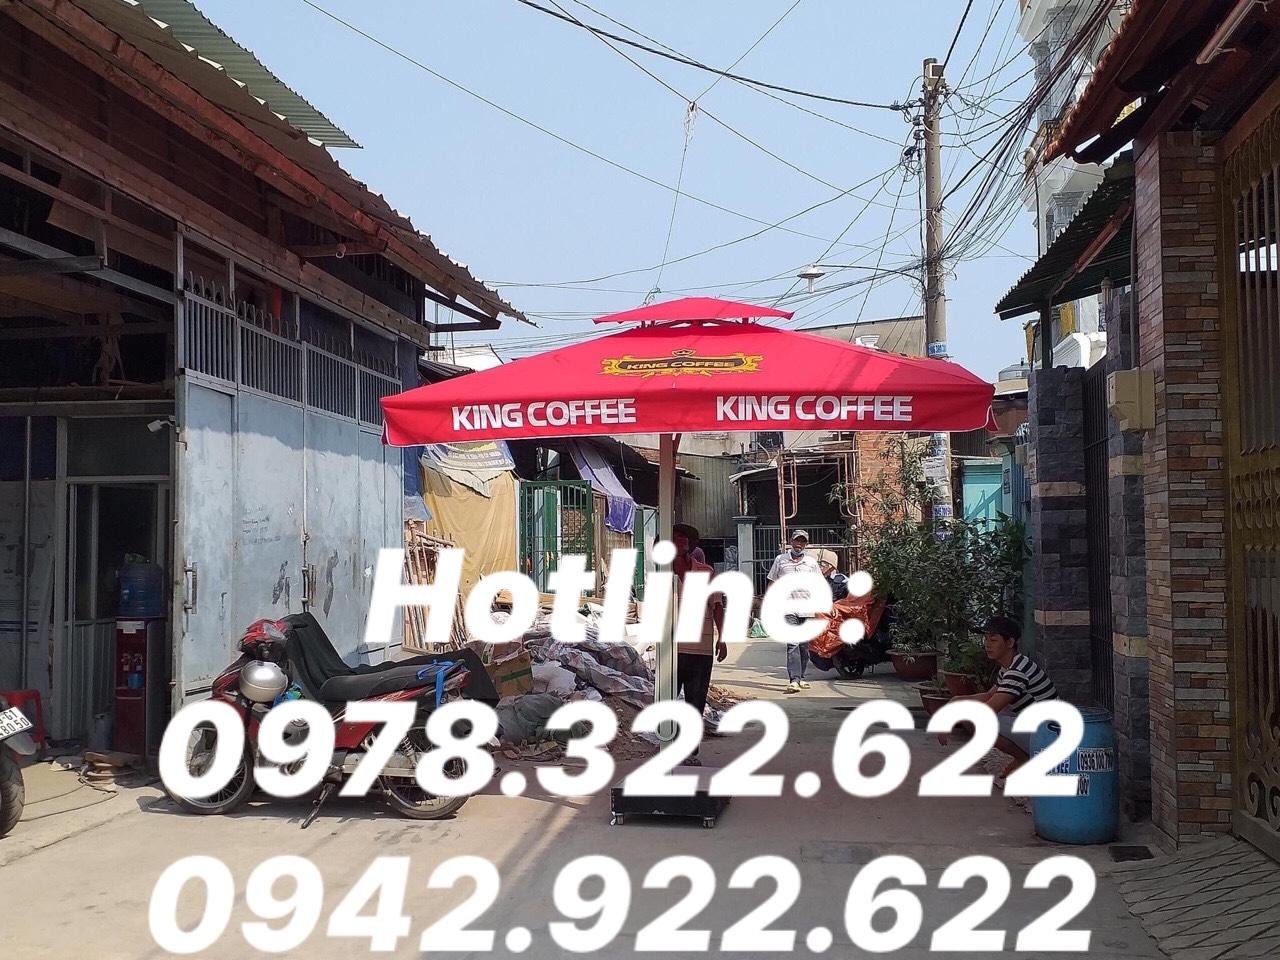 Bảng giá bán dù che nắng tại huyện long thành, bán dù lệch tâm giá rẻ tại huyện long thành đồng nai